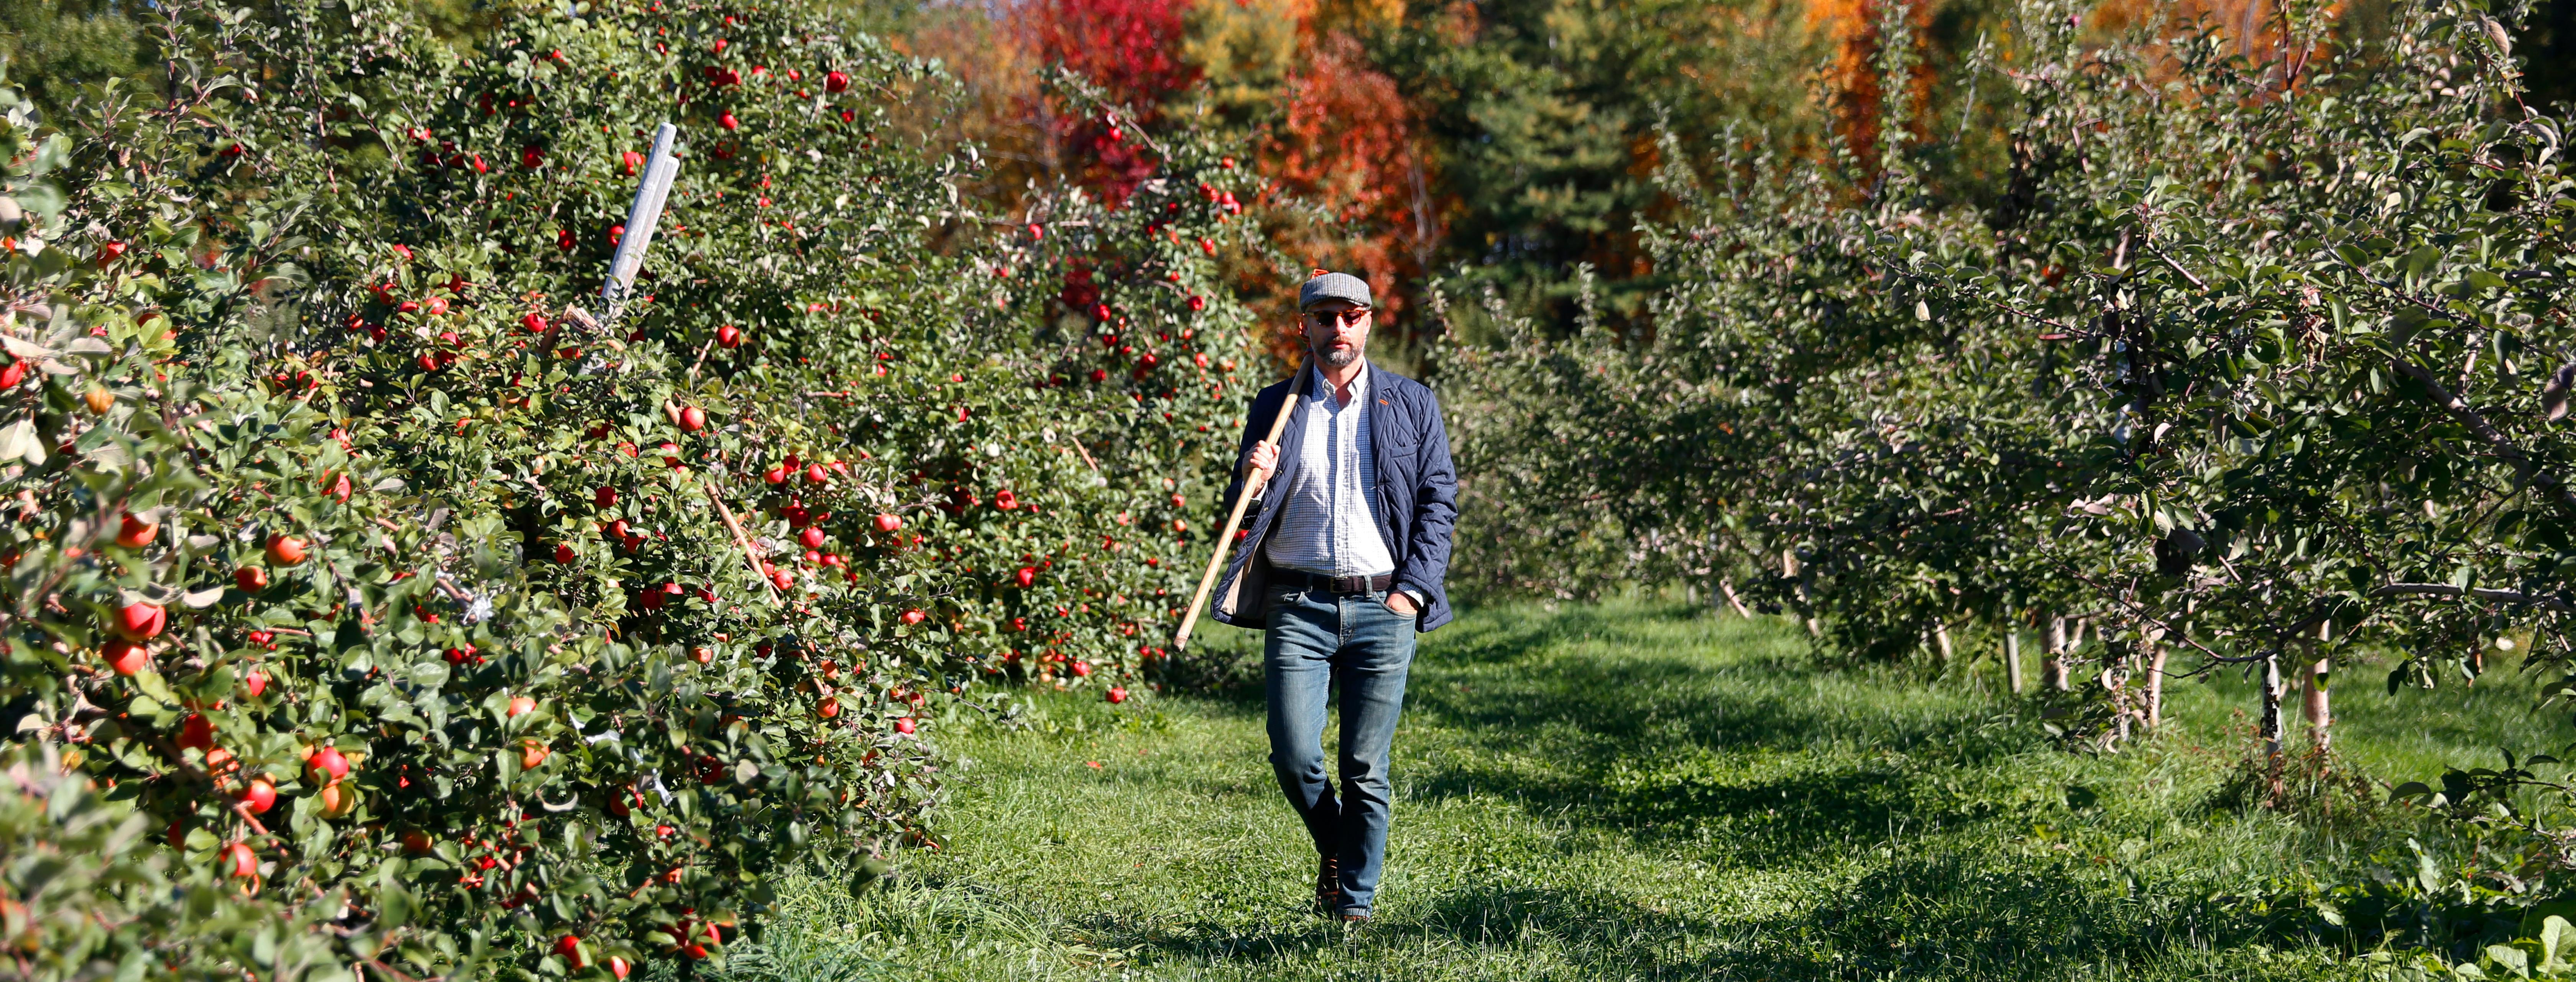 jared-apple-orchard-6720-b.jpg